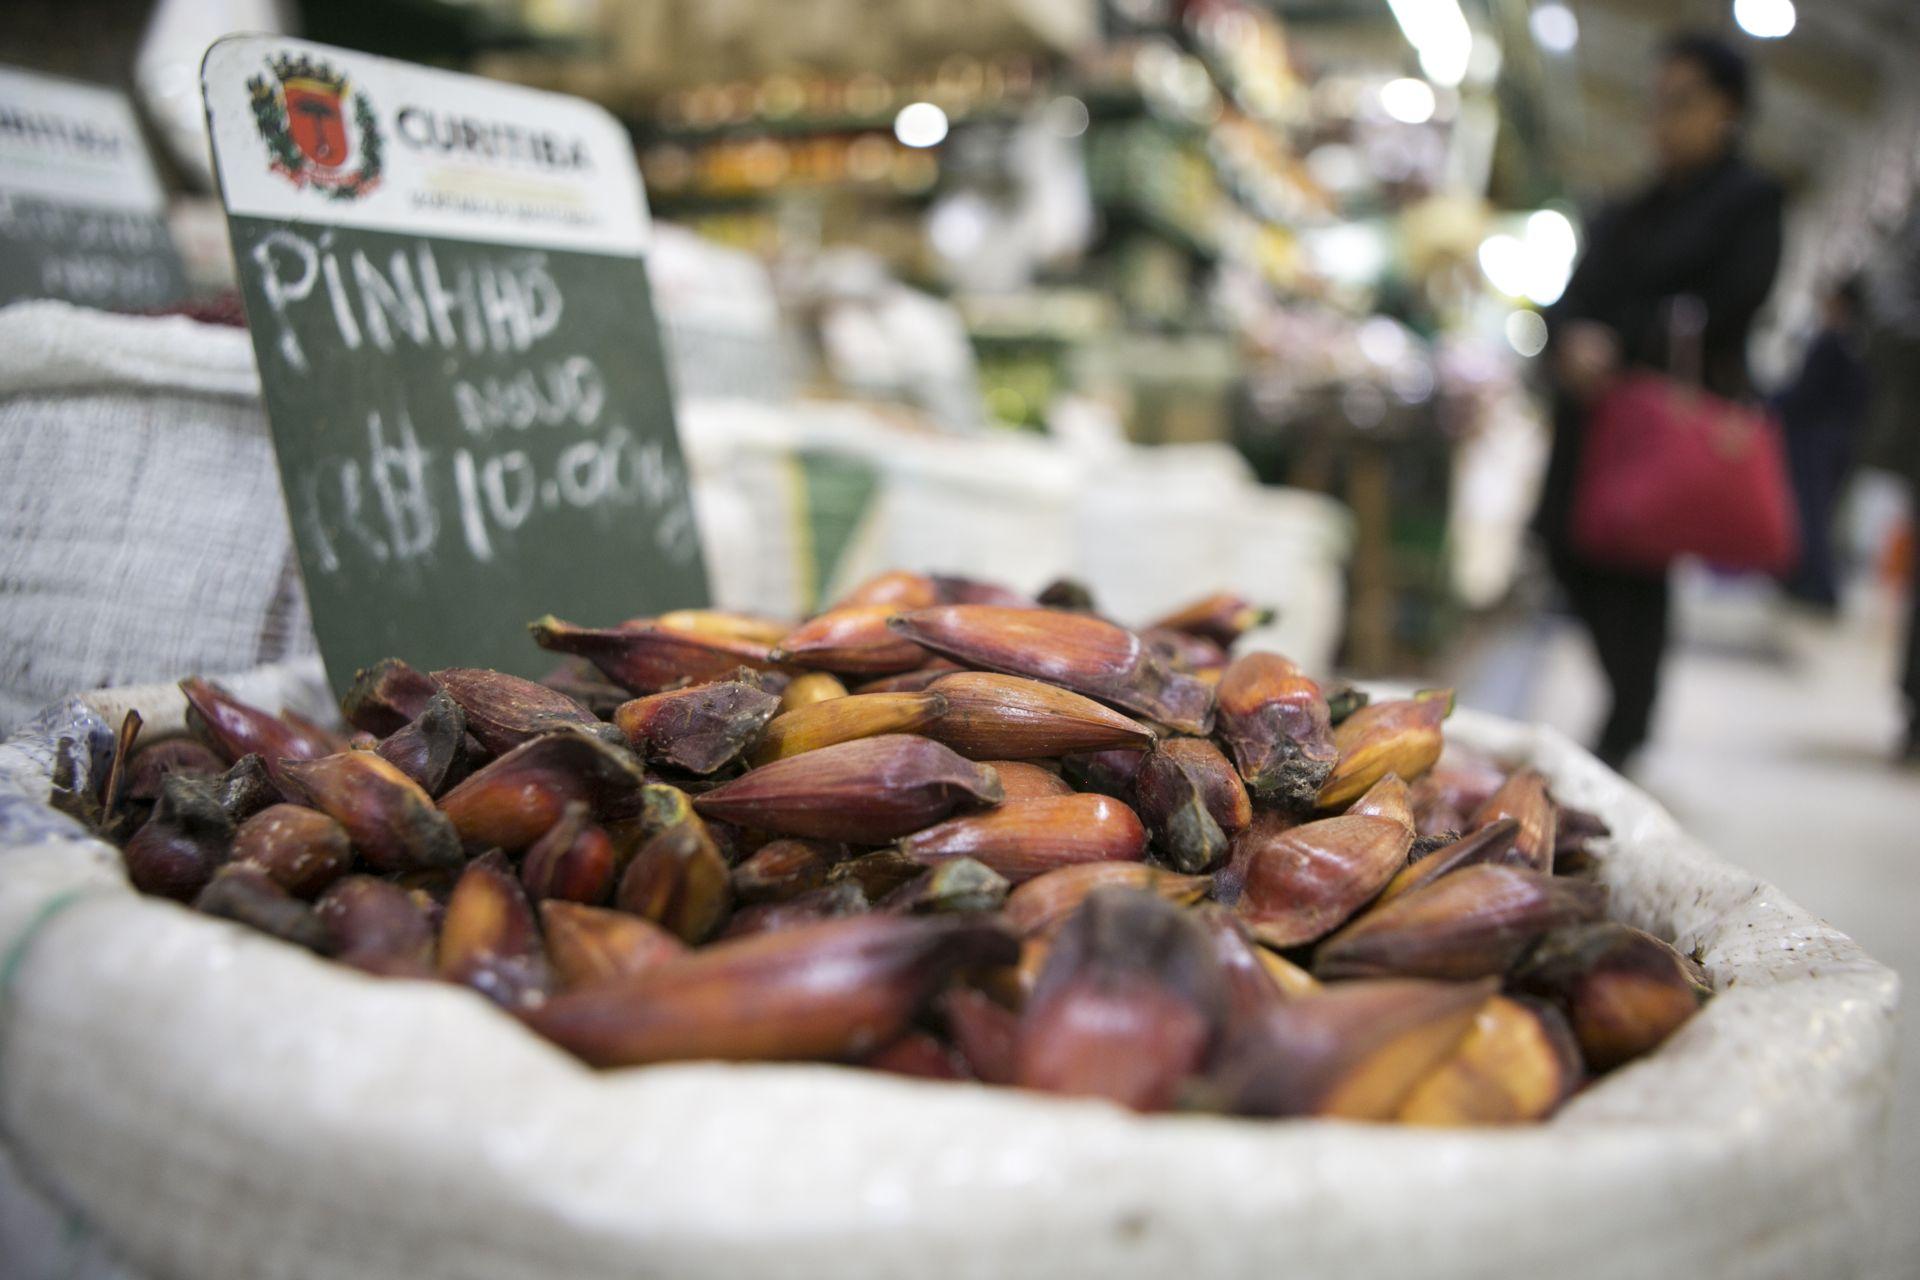 Pinhão: rico em fibras, quem come muito à noite pode ter efeitos indesejados (Foto: Marcelo Andrade / Gazeta do Povo)